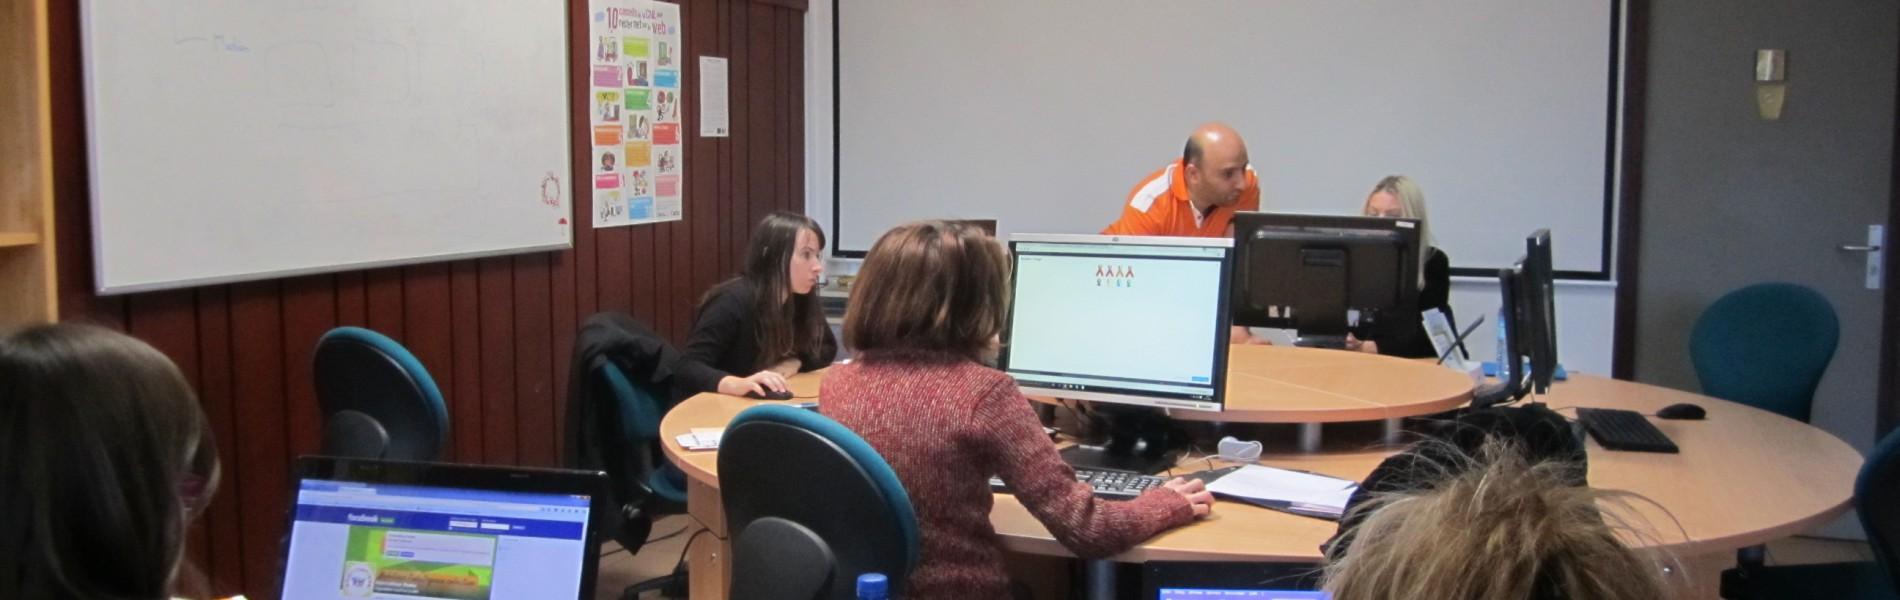 atelier création de site internet à la MJC